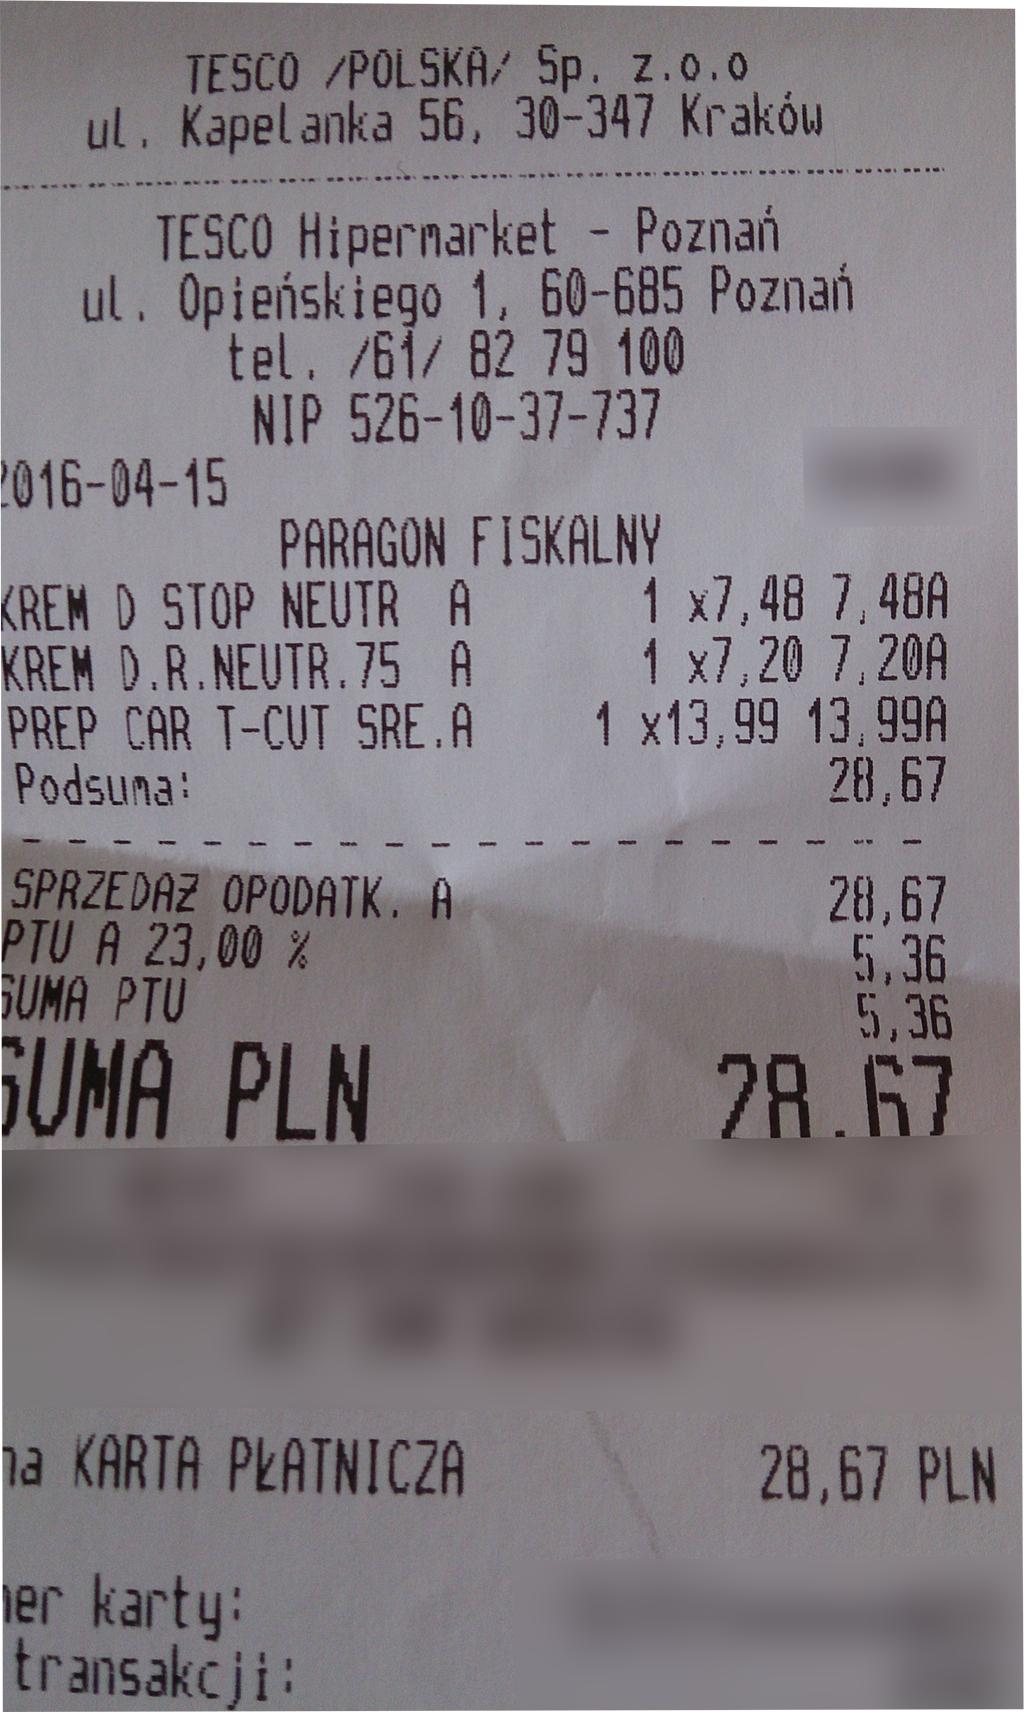 Neutrogena - obniżka 46% @ TESCO (Poznań)